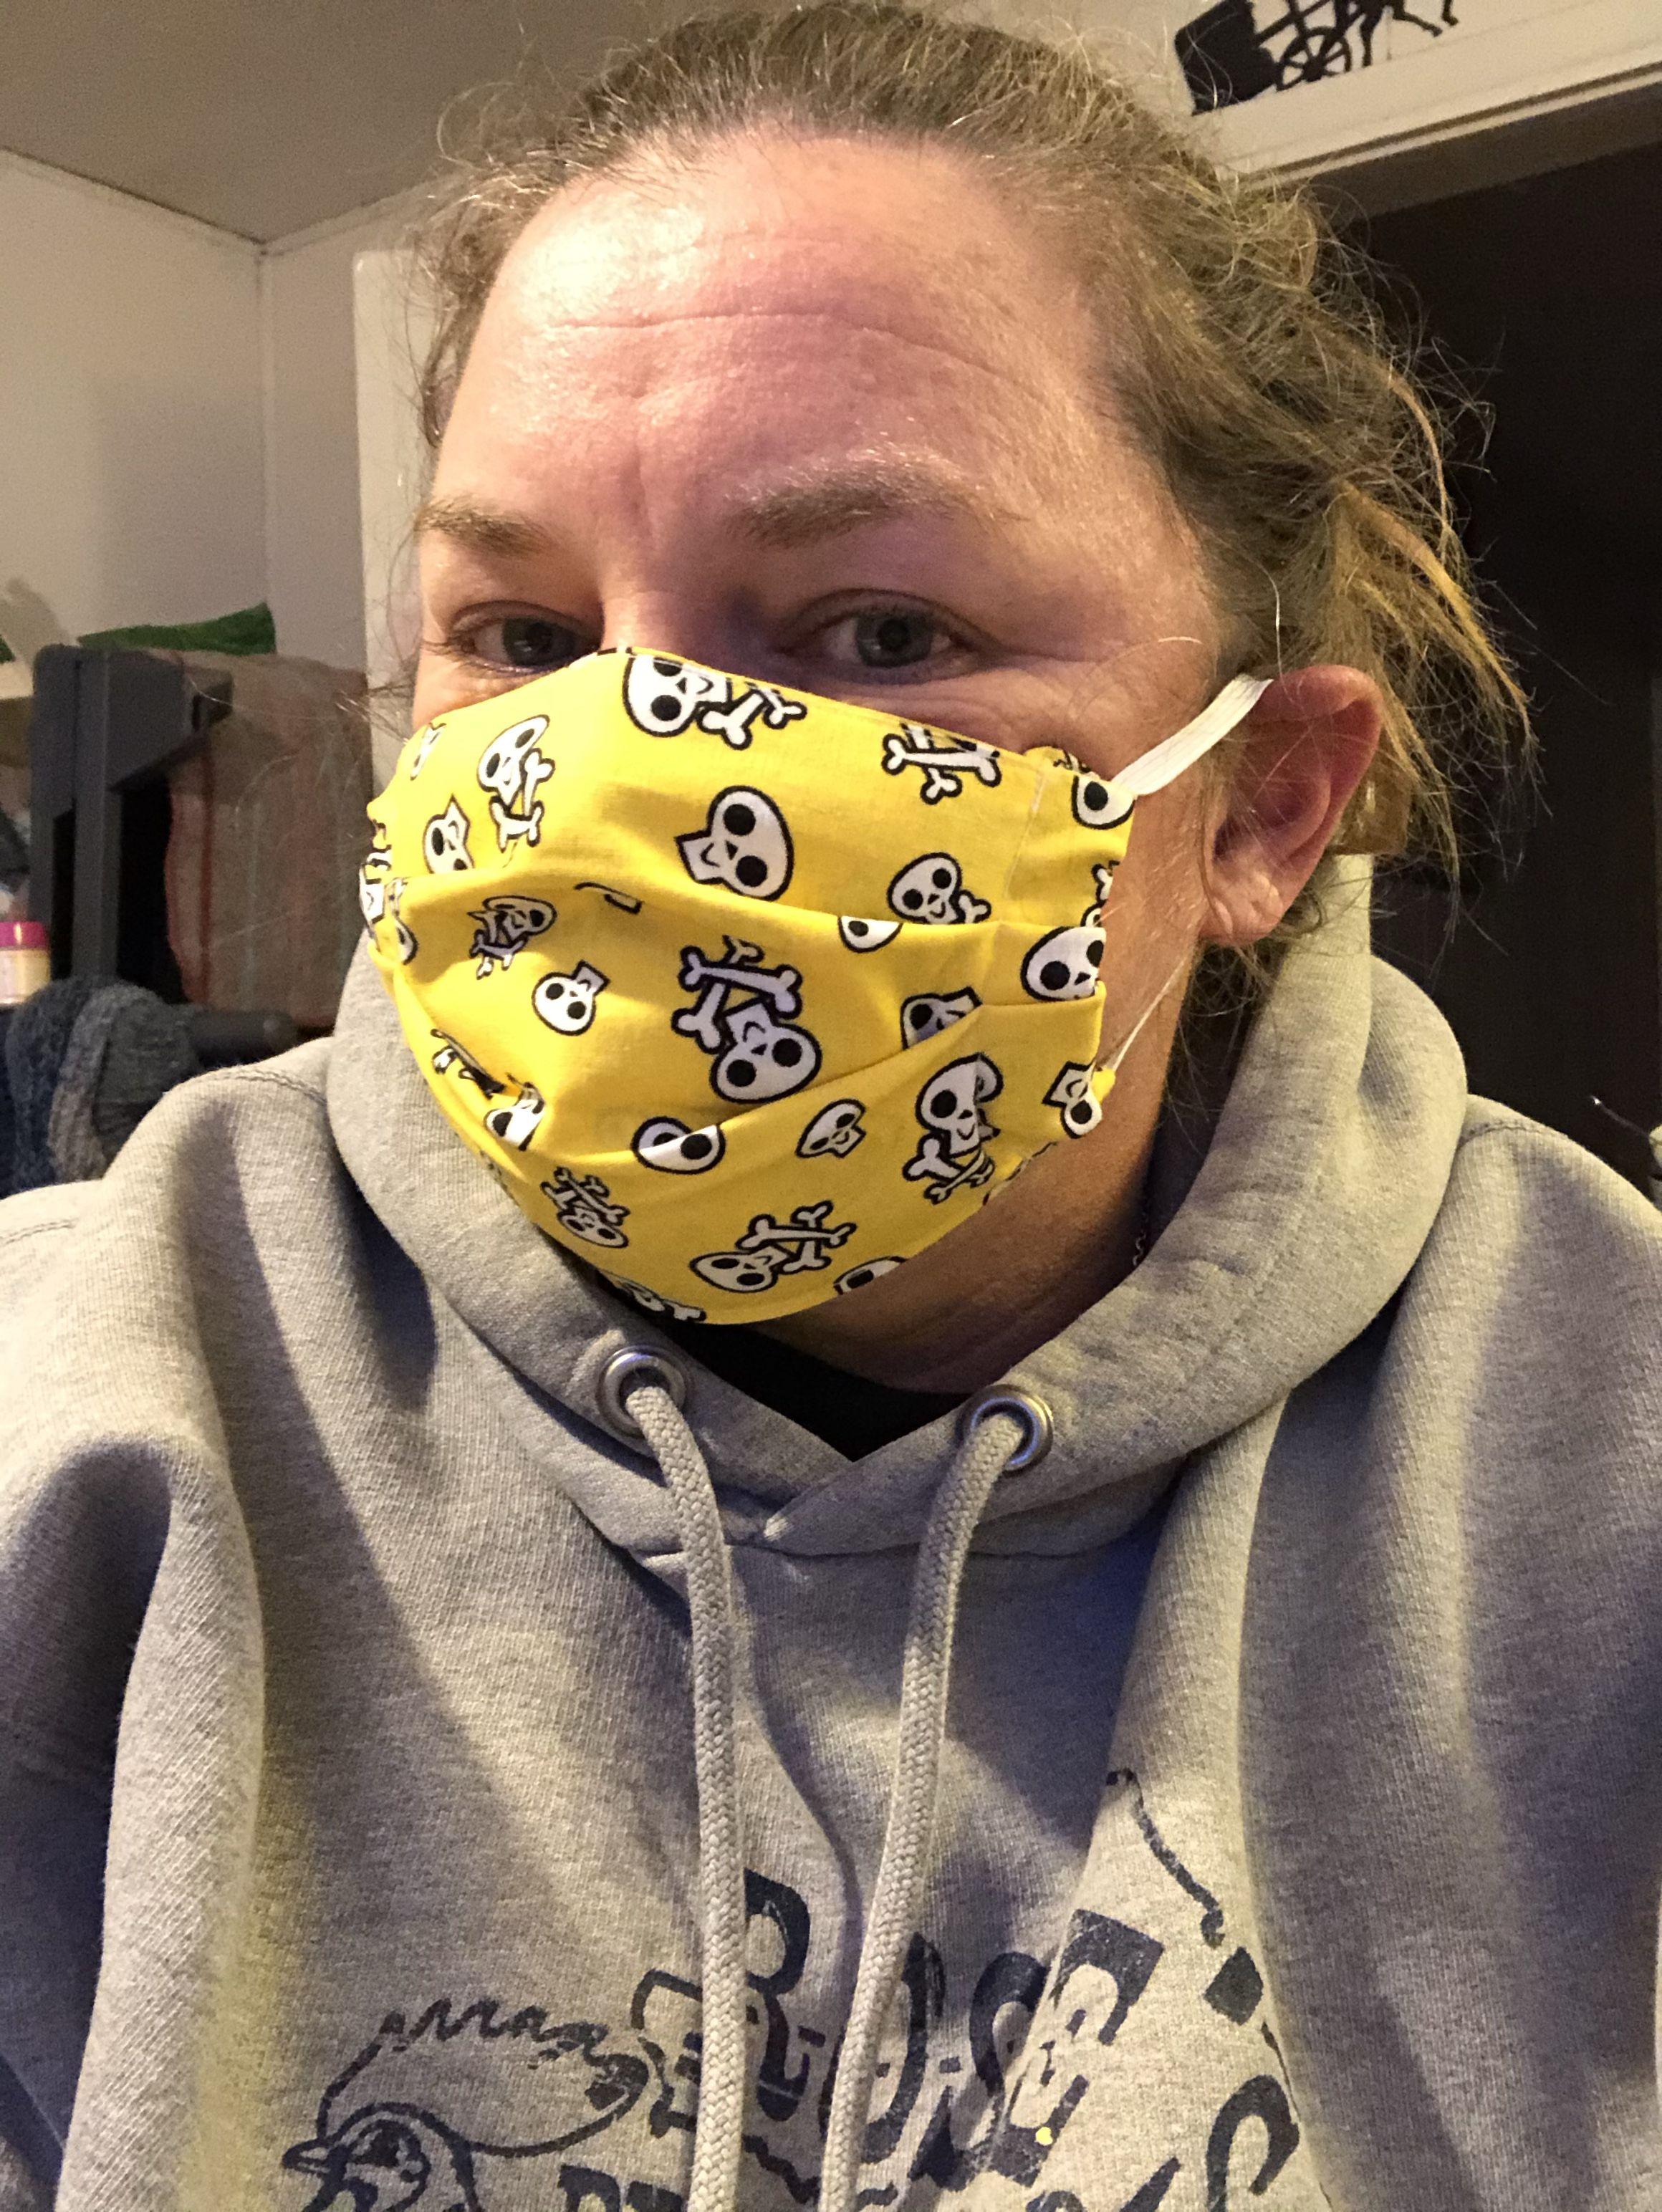 DIY Face Mask (with filter pocket) in 2020 Diy face mask